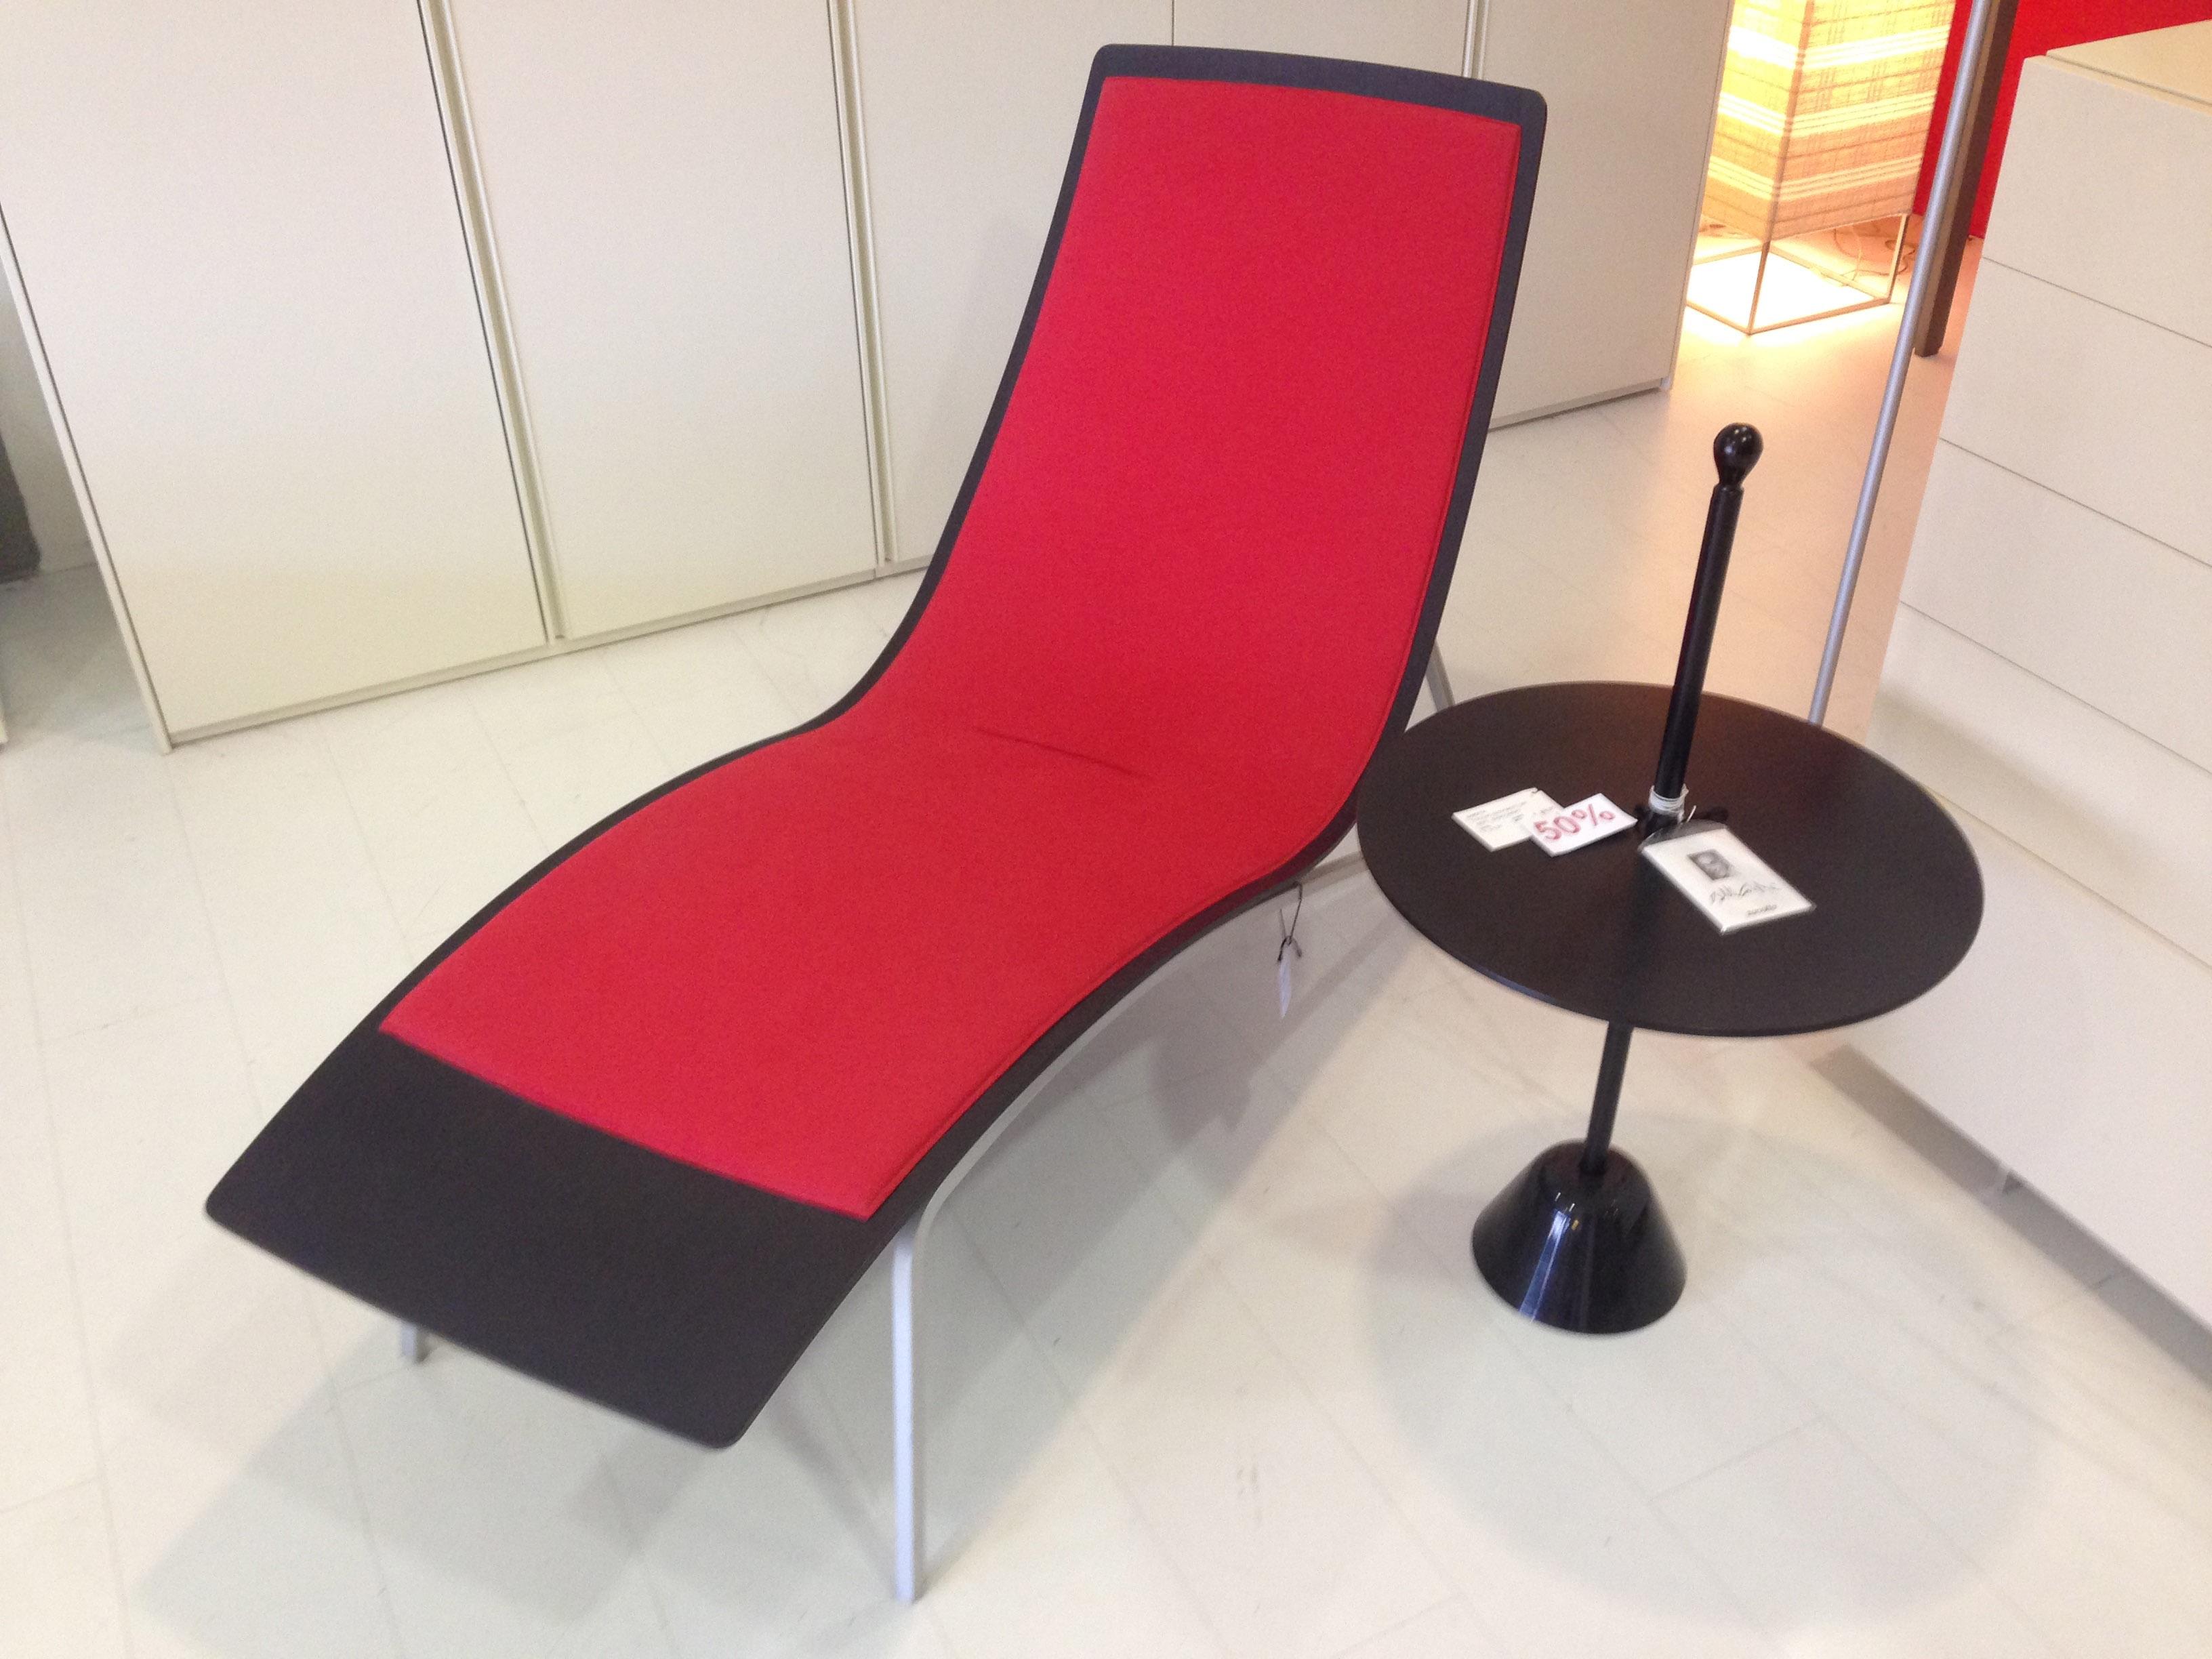 Poltrona molteni scontata del 68 chaise longue divani a for Poltrona chaise longue